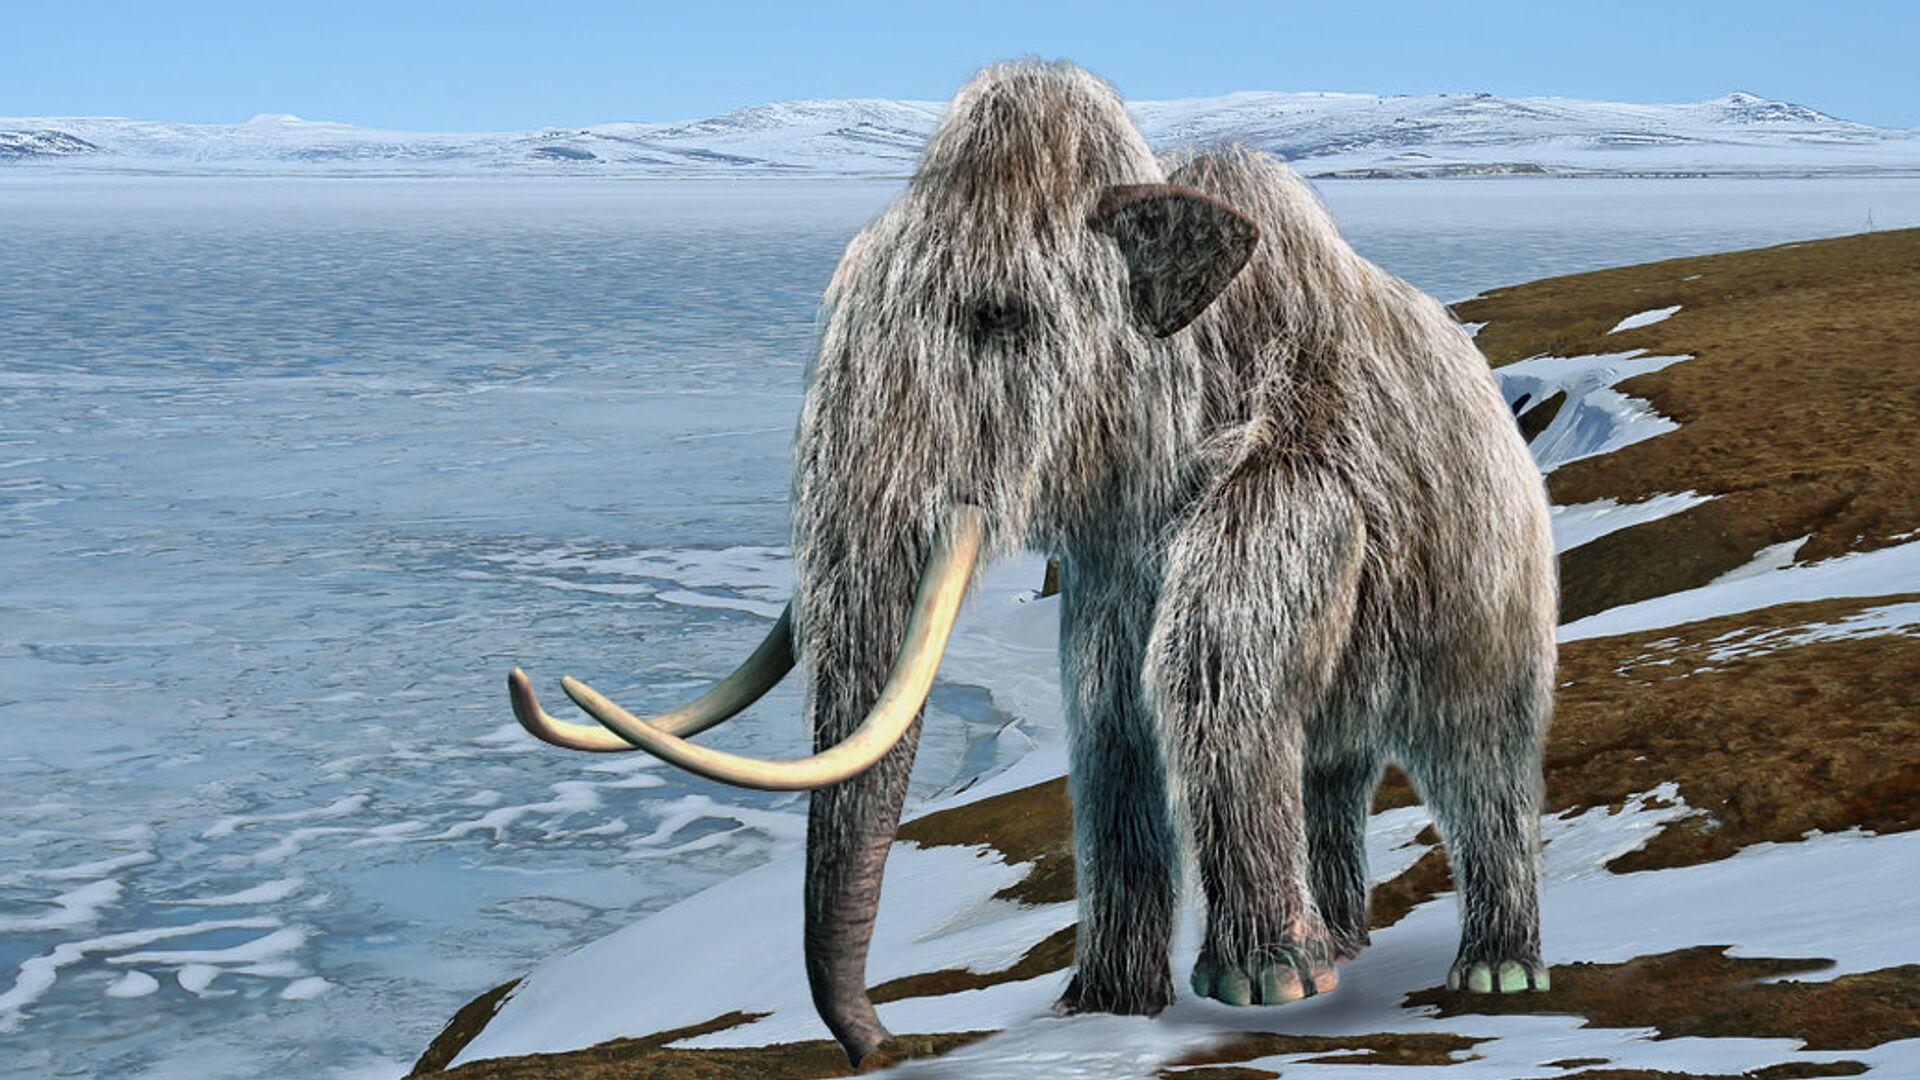 Самые последние шерстистые мамонты на Земле жили на острове Врангеля - РИА Новости, 1920, 16.02.2021